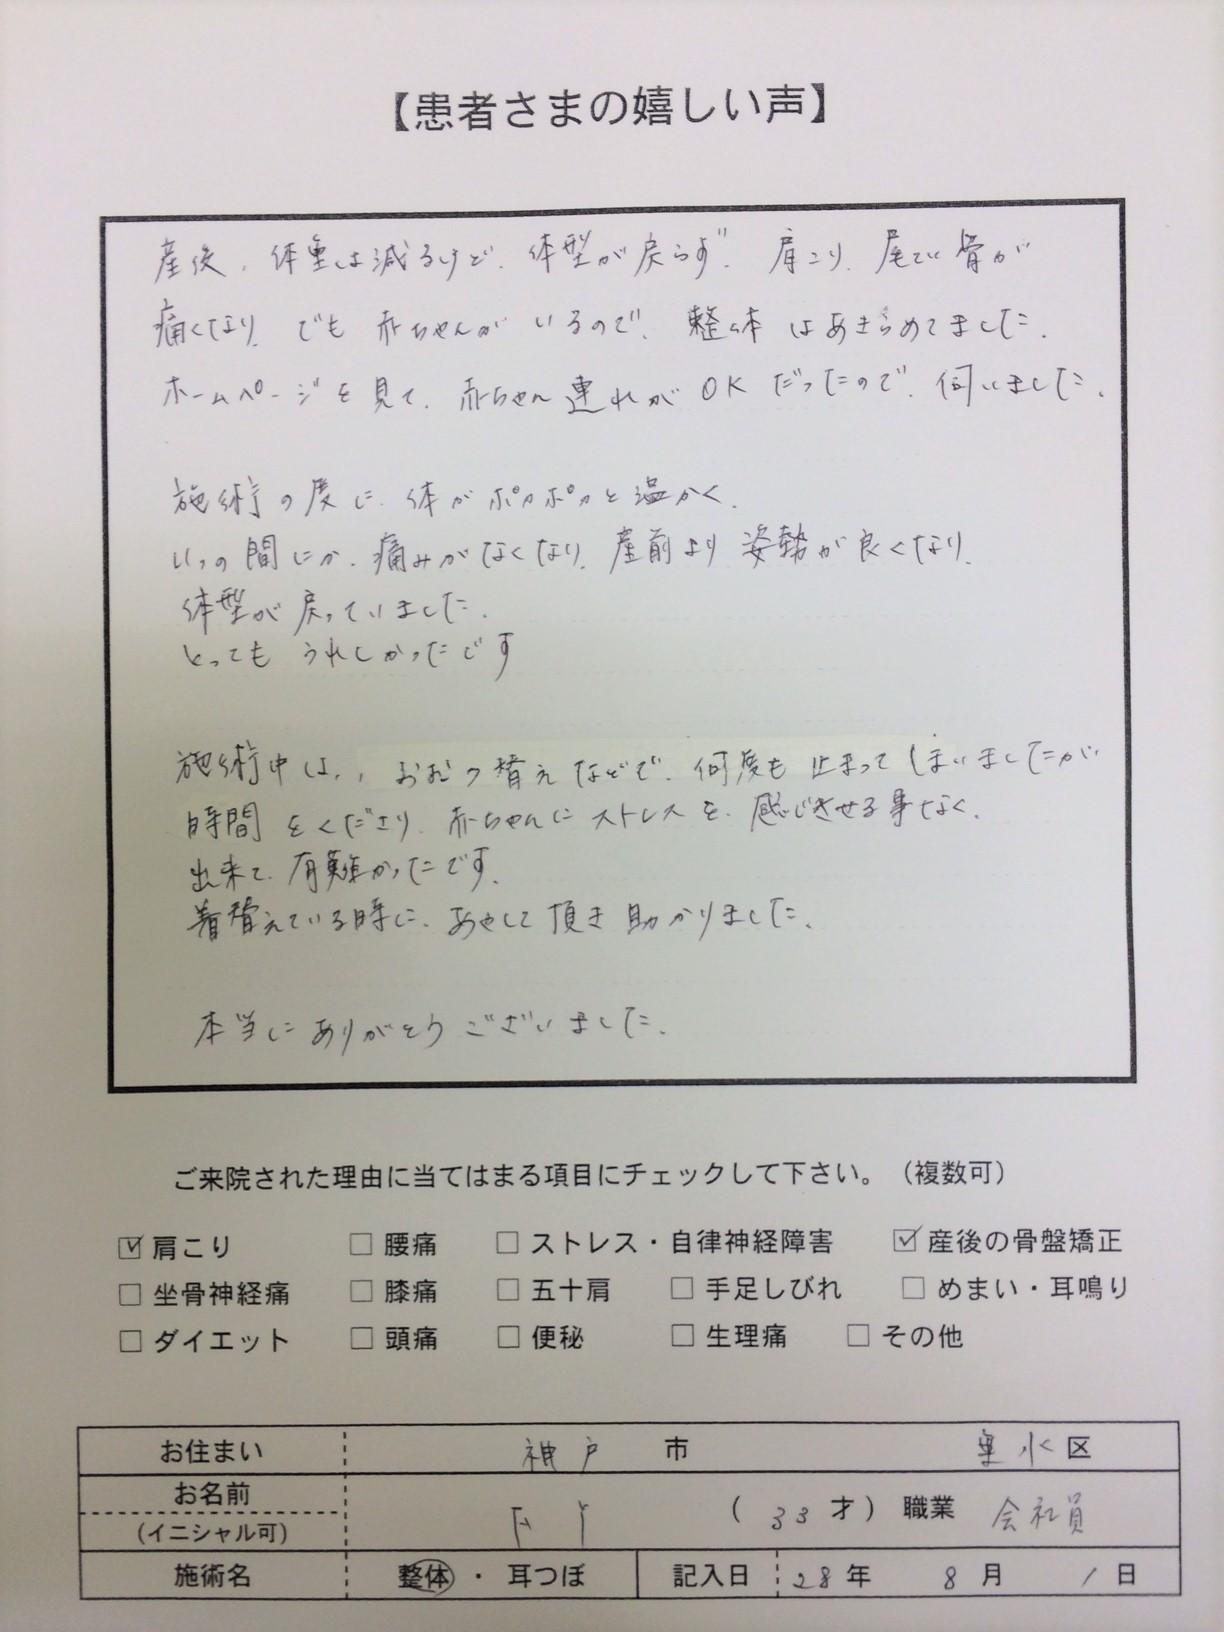 産後骨盤矯正⑫神戸市垂水区 F.Y様 33才 会社員.jpg